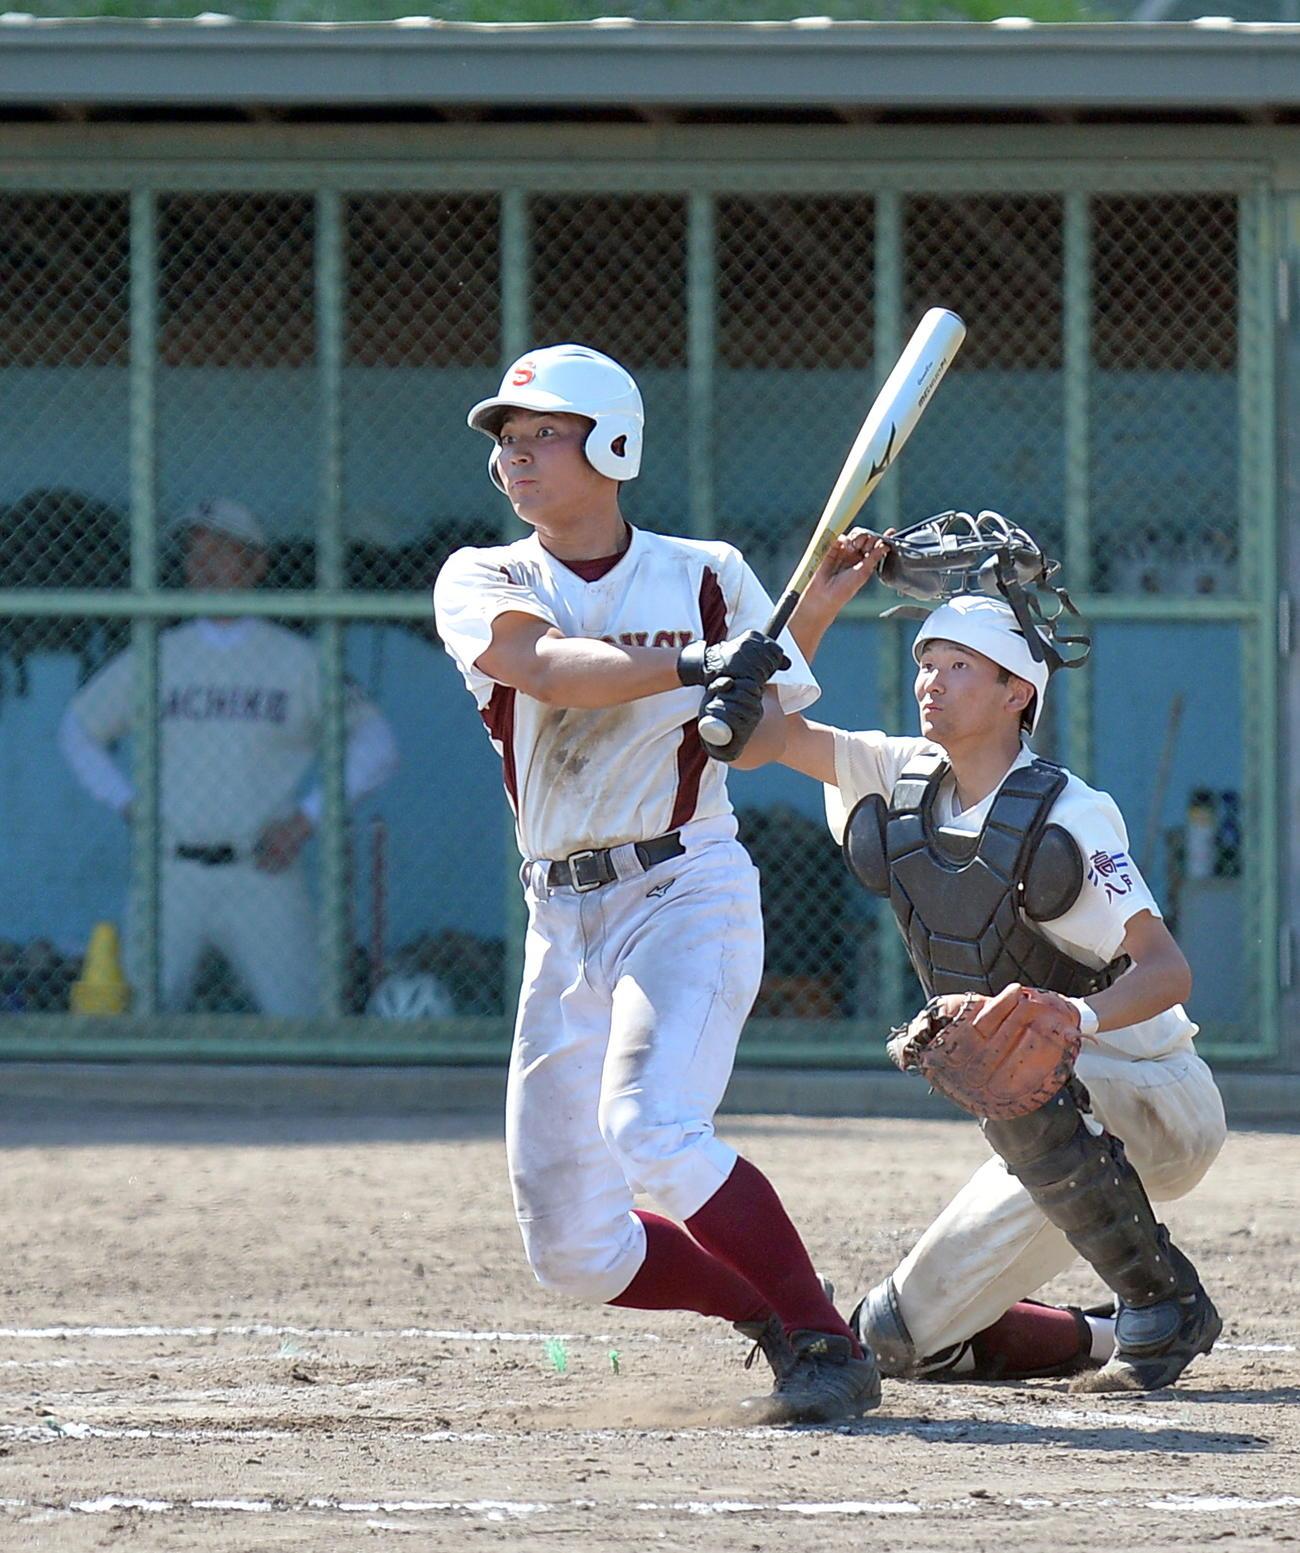 野球 青森 県 高校 八戸学院光星野球部メンバー2021!出身中学やドラフト注目選手まで徹底調査